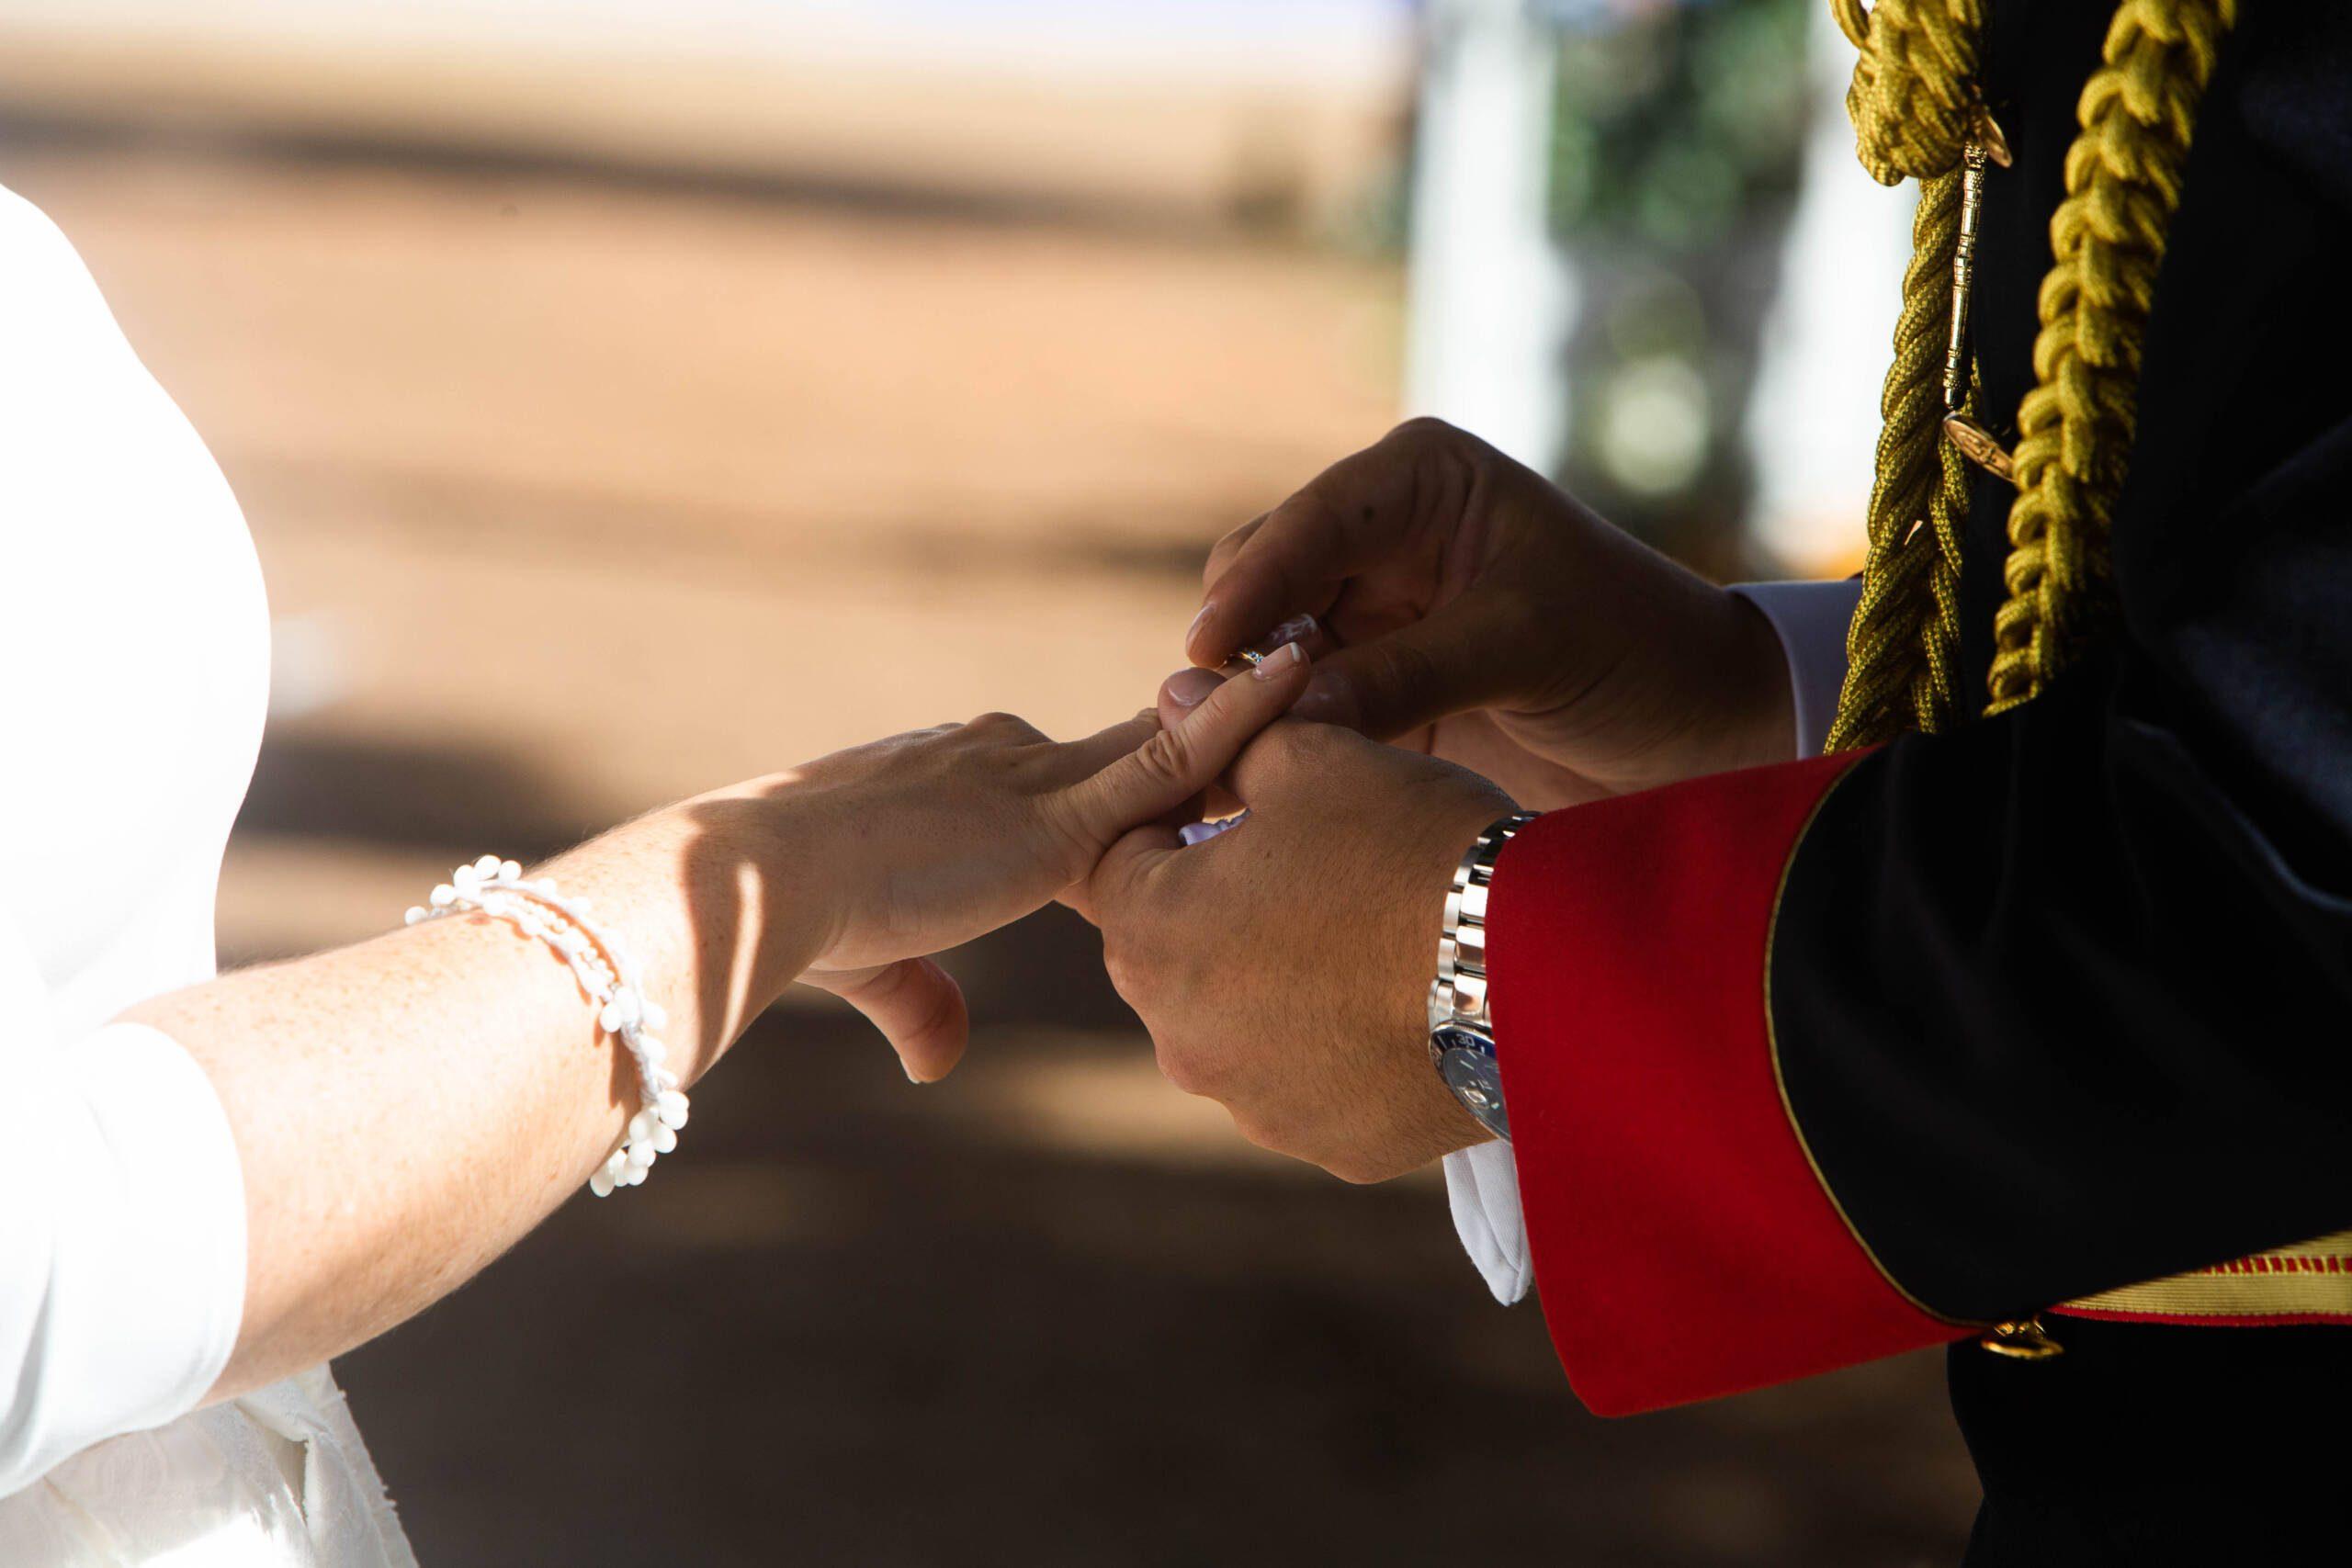 Novio poniendo el anillo a la novia.